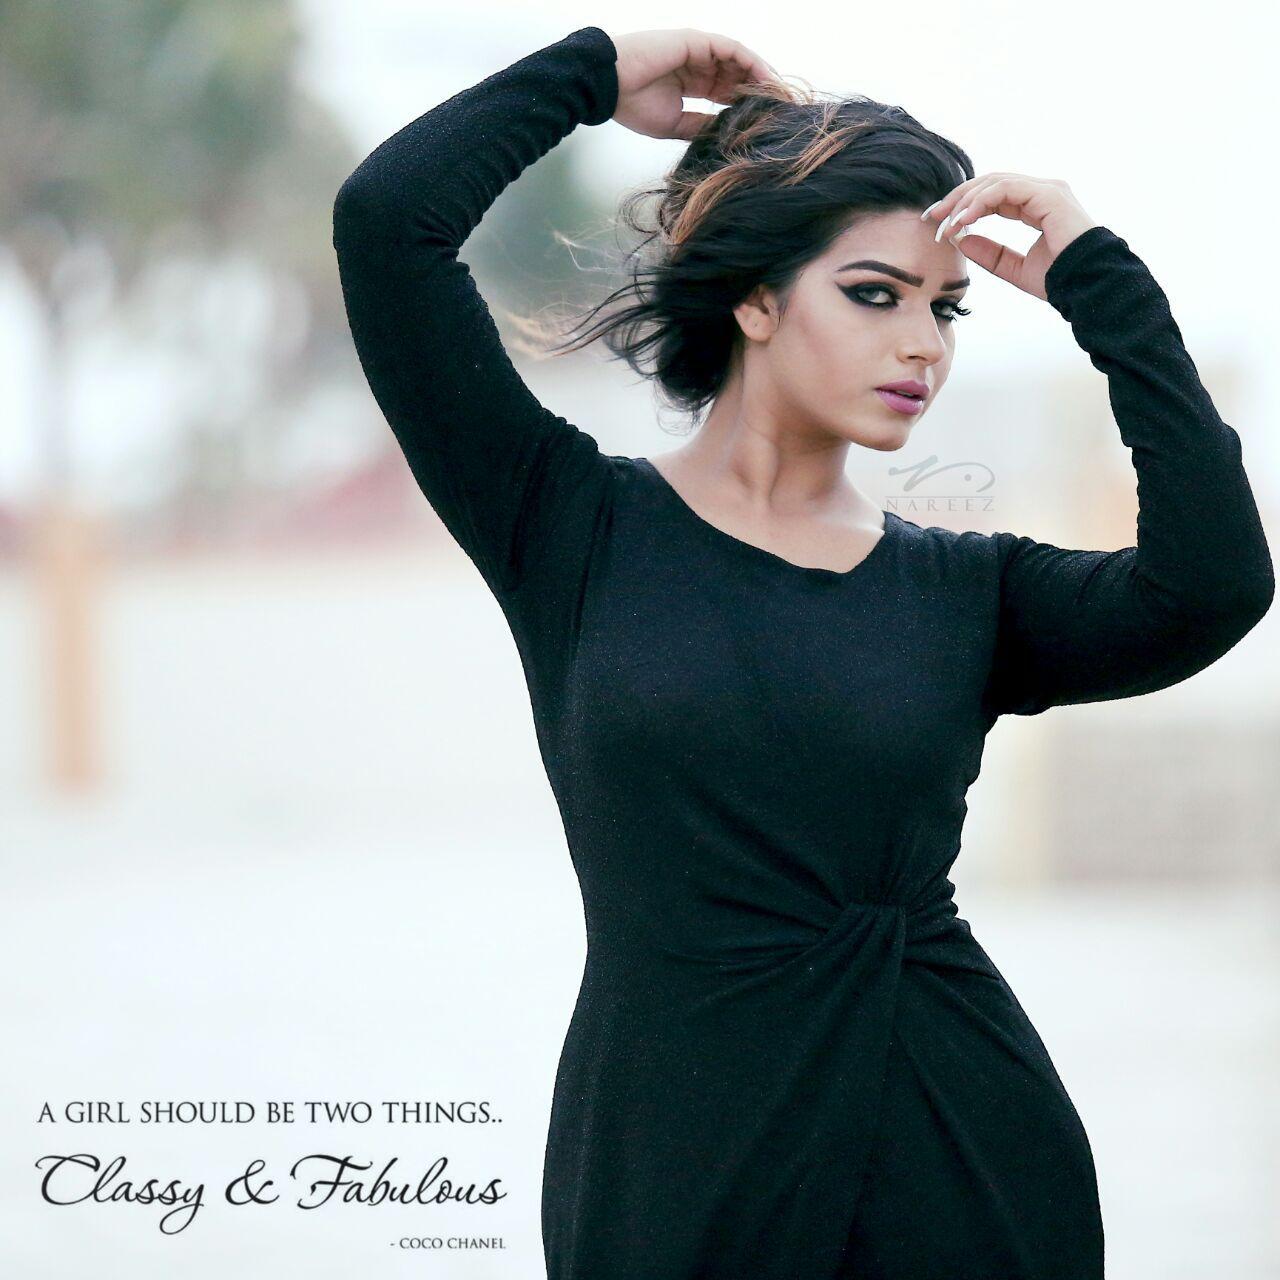 847fac14e دريسات ناريز stylish dress from Nareez   Nareez   Dresses, Fashion ...